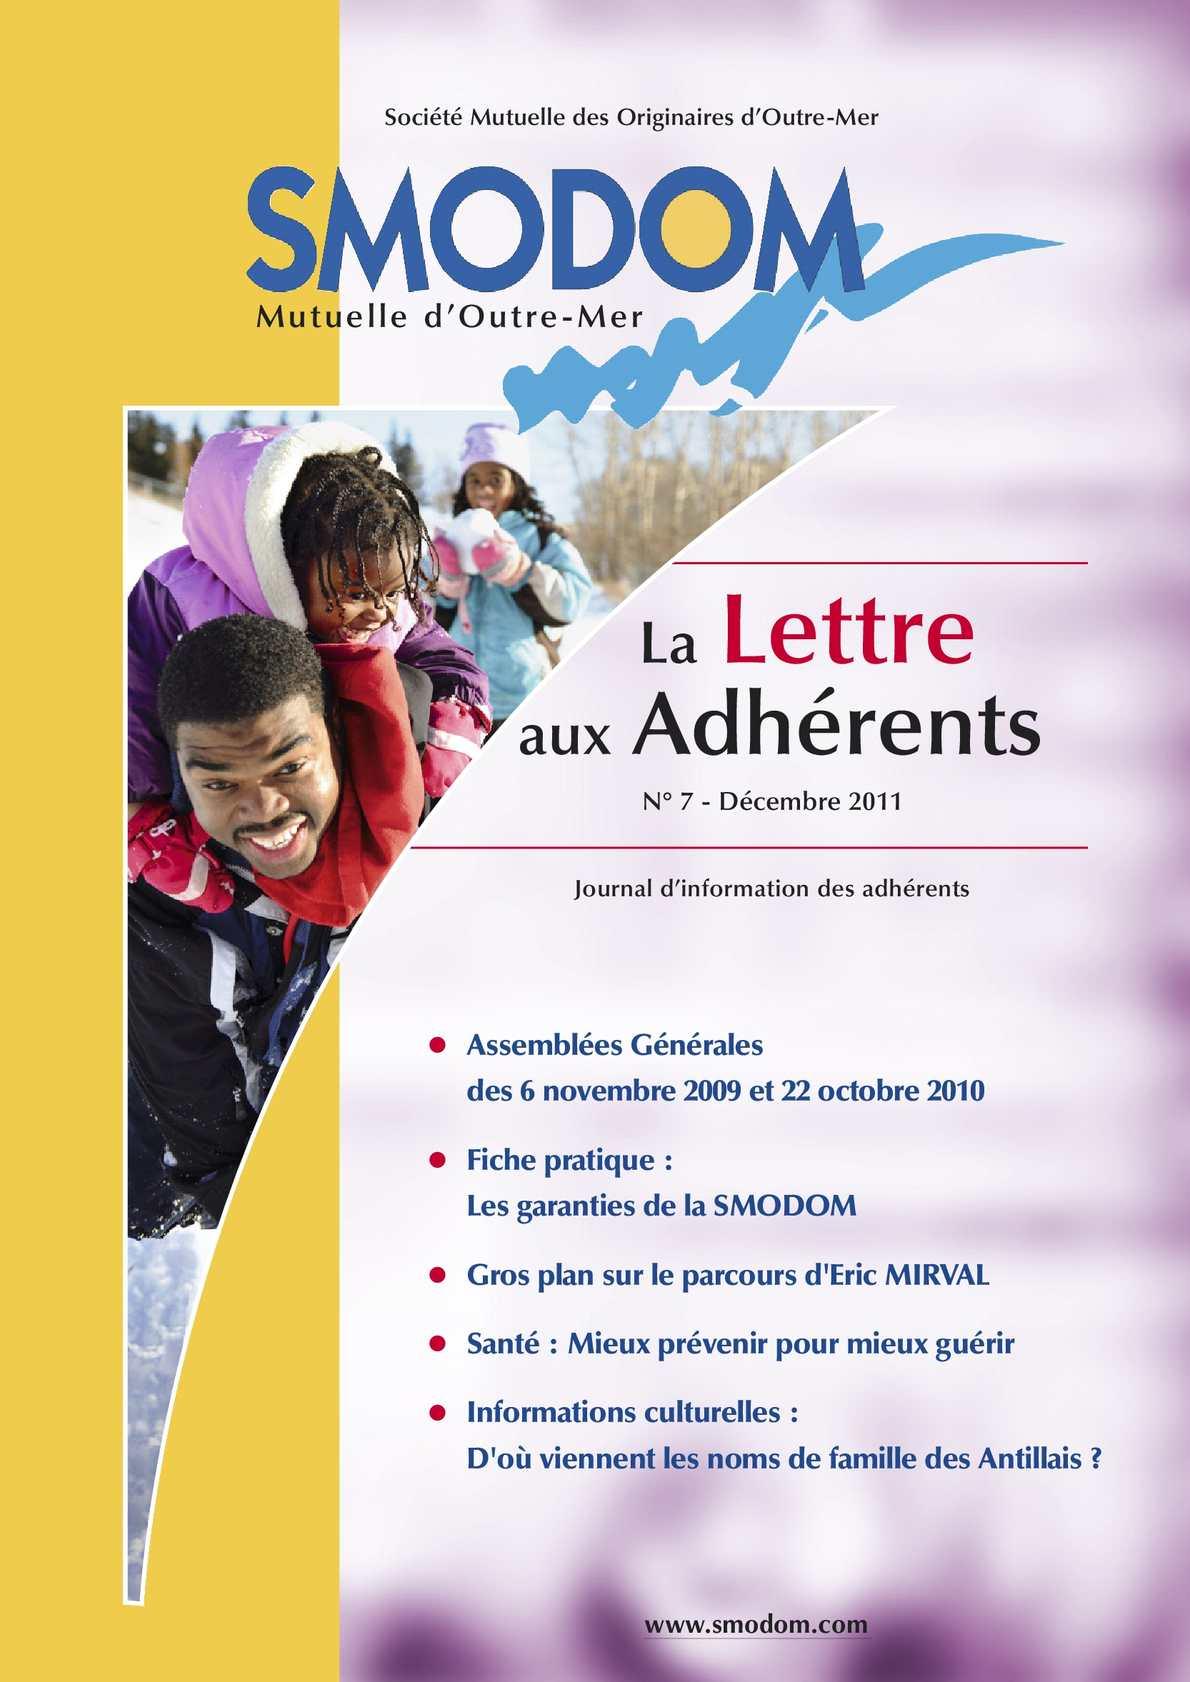 Calaméo - SMODOM - Lettre aux Adhérents n°07 - Décembre 2011 4aae020da19a